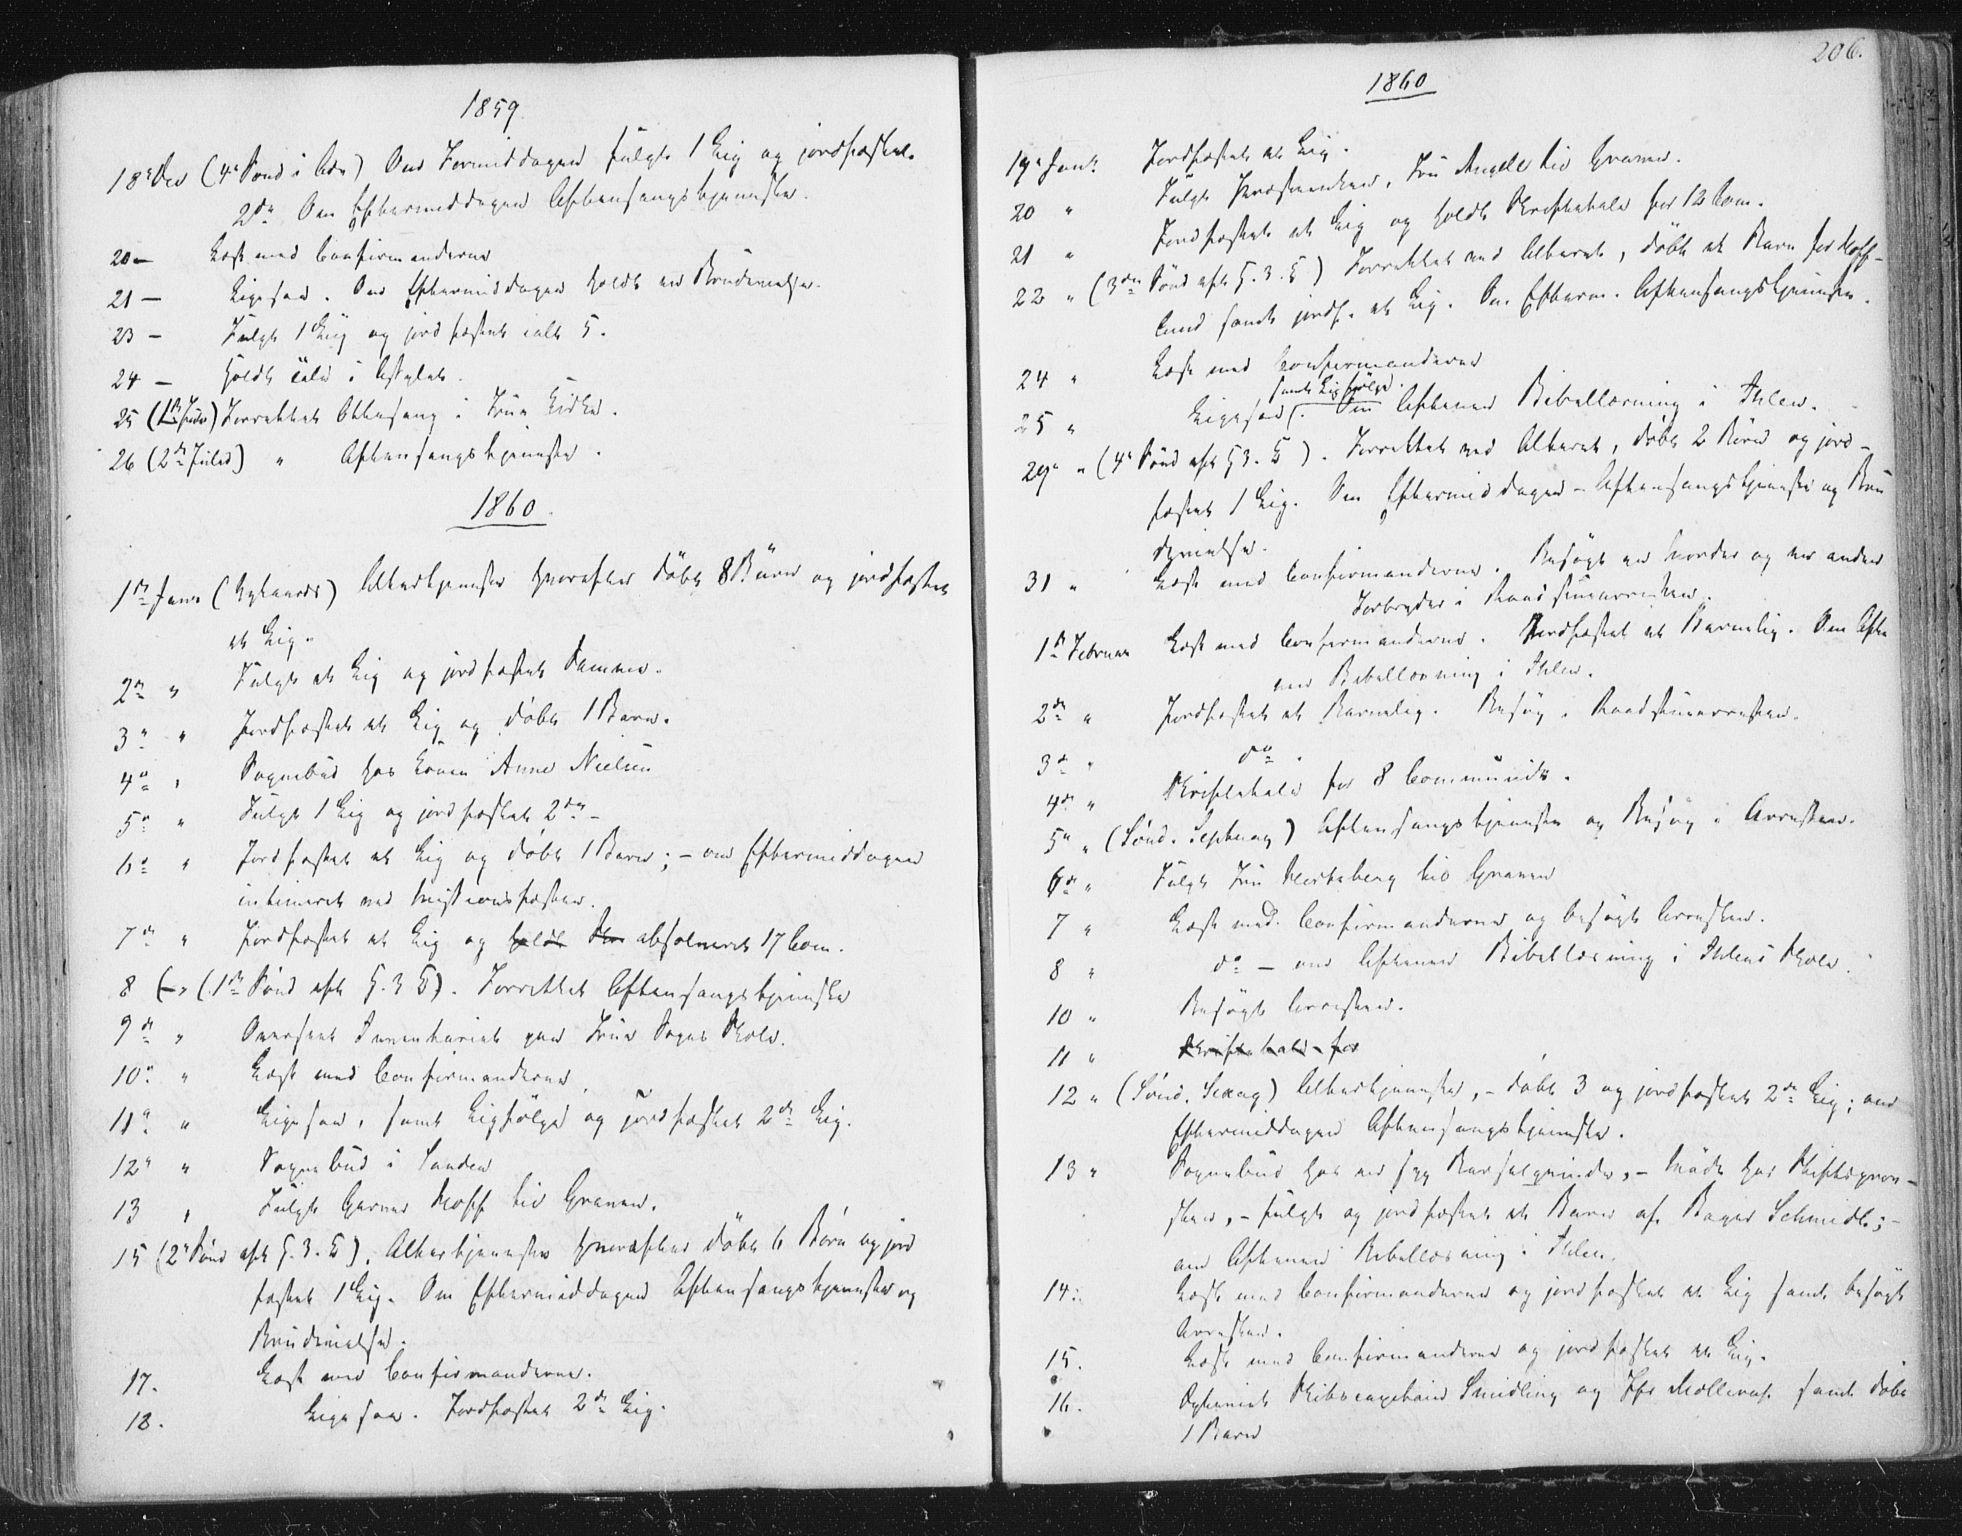 SAT, Ministerialprotokoller, klokkerbøker og fødselsregistre - Sør-Trøndelag, 602/L0127: Residerende kapellans bok nr. 602B01, 1821-1875, s. 206